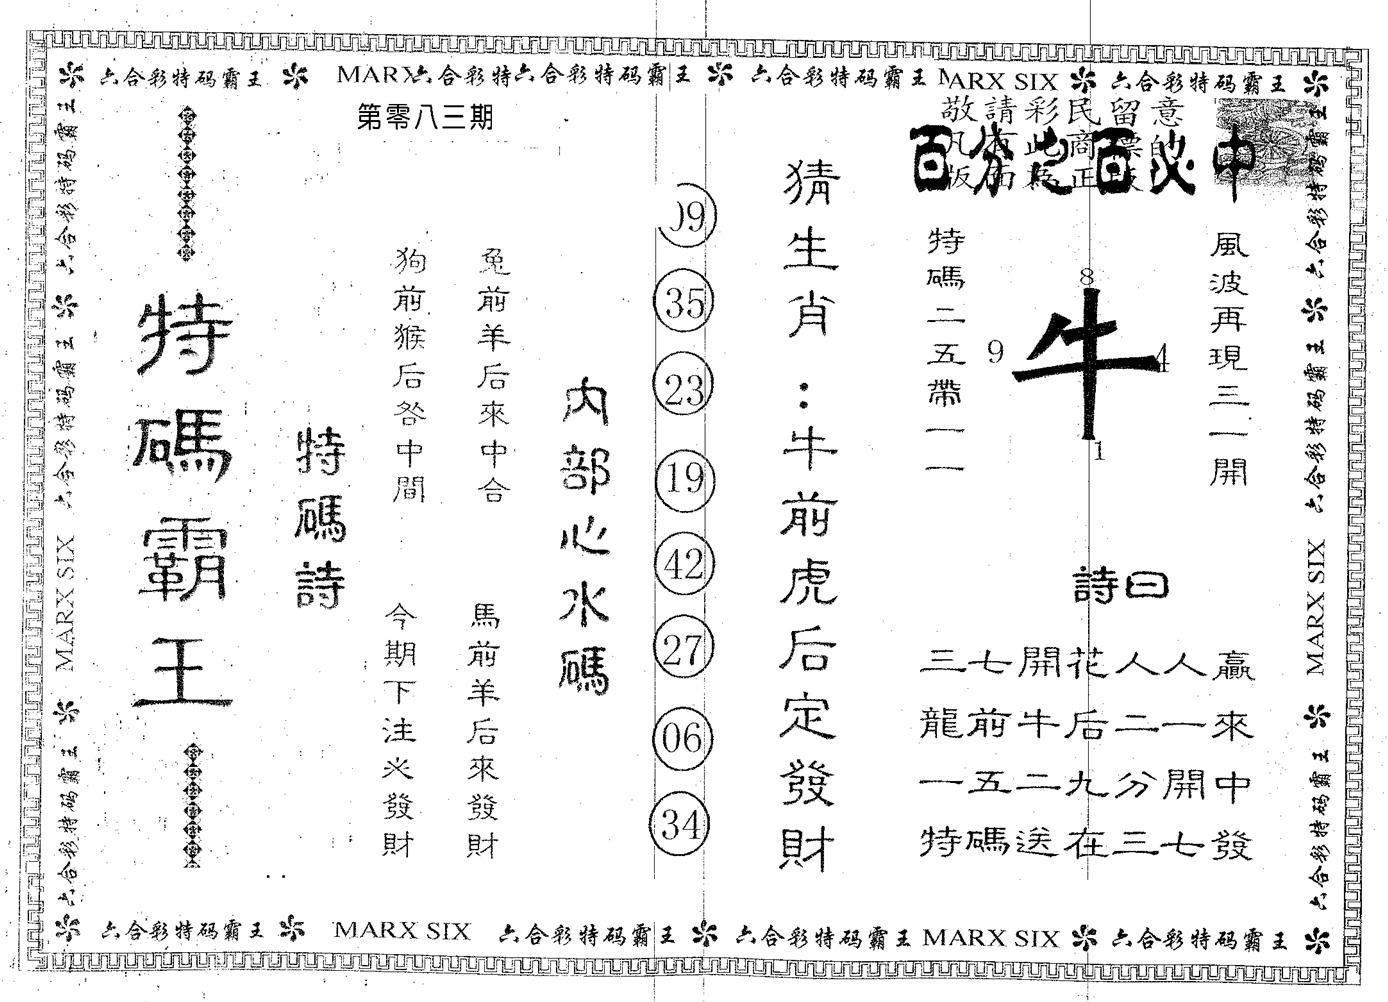 083期特码霸王A(黑白)